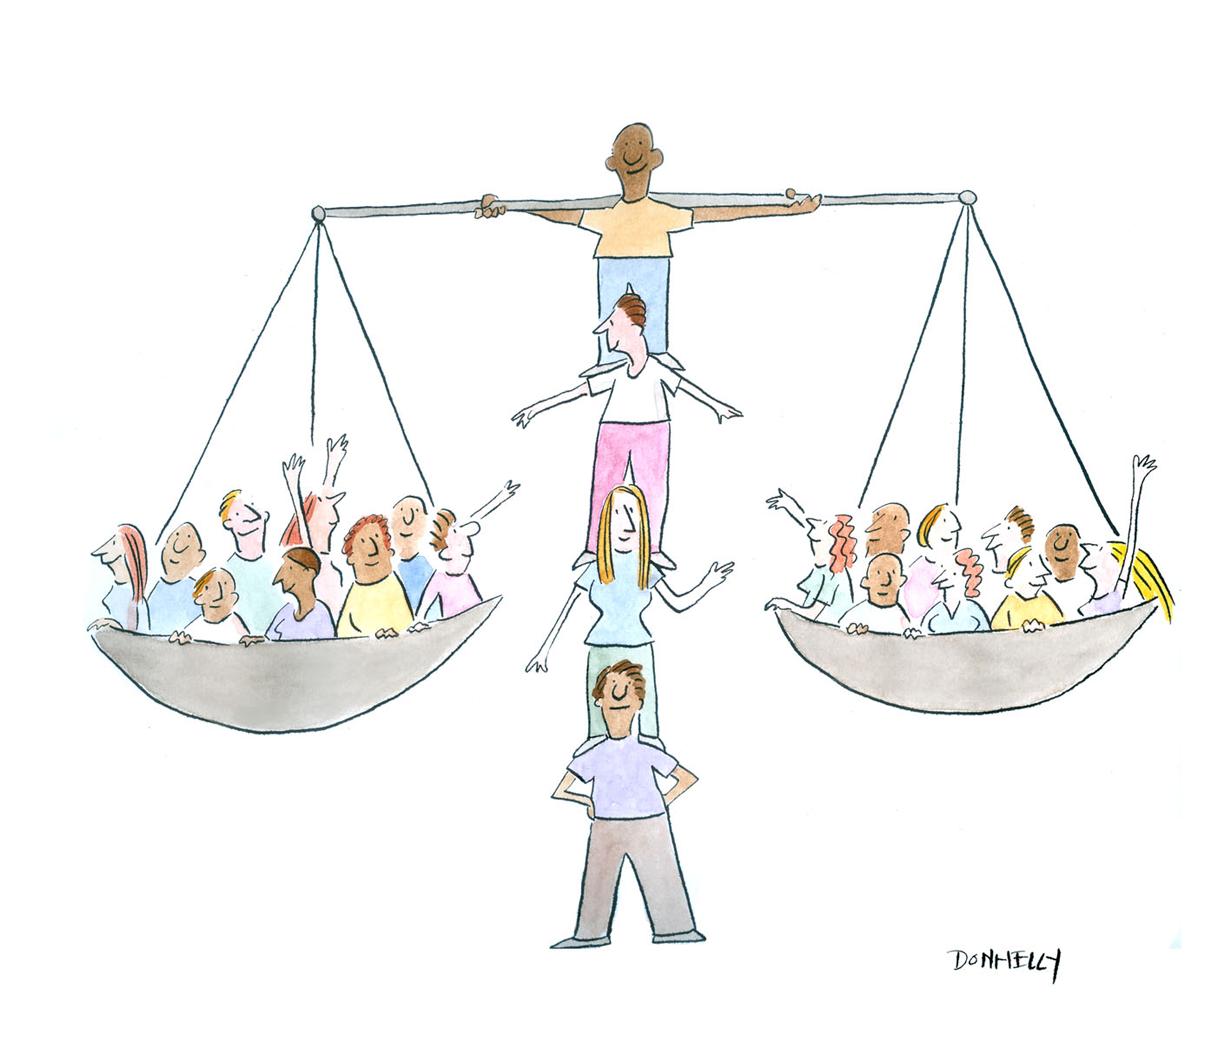 картинки про равноправие хотите узнать себе